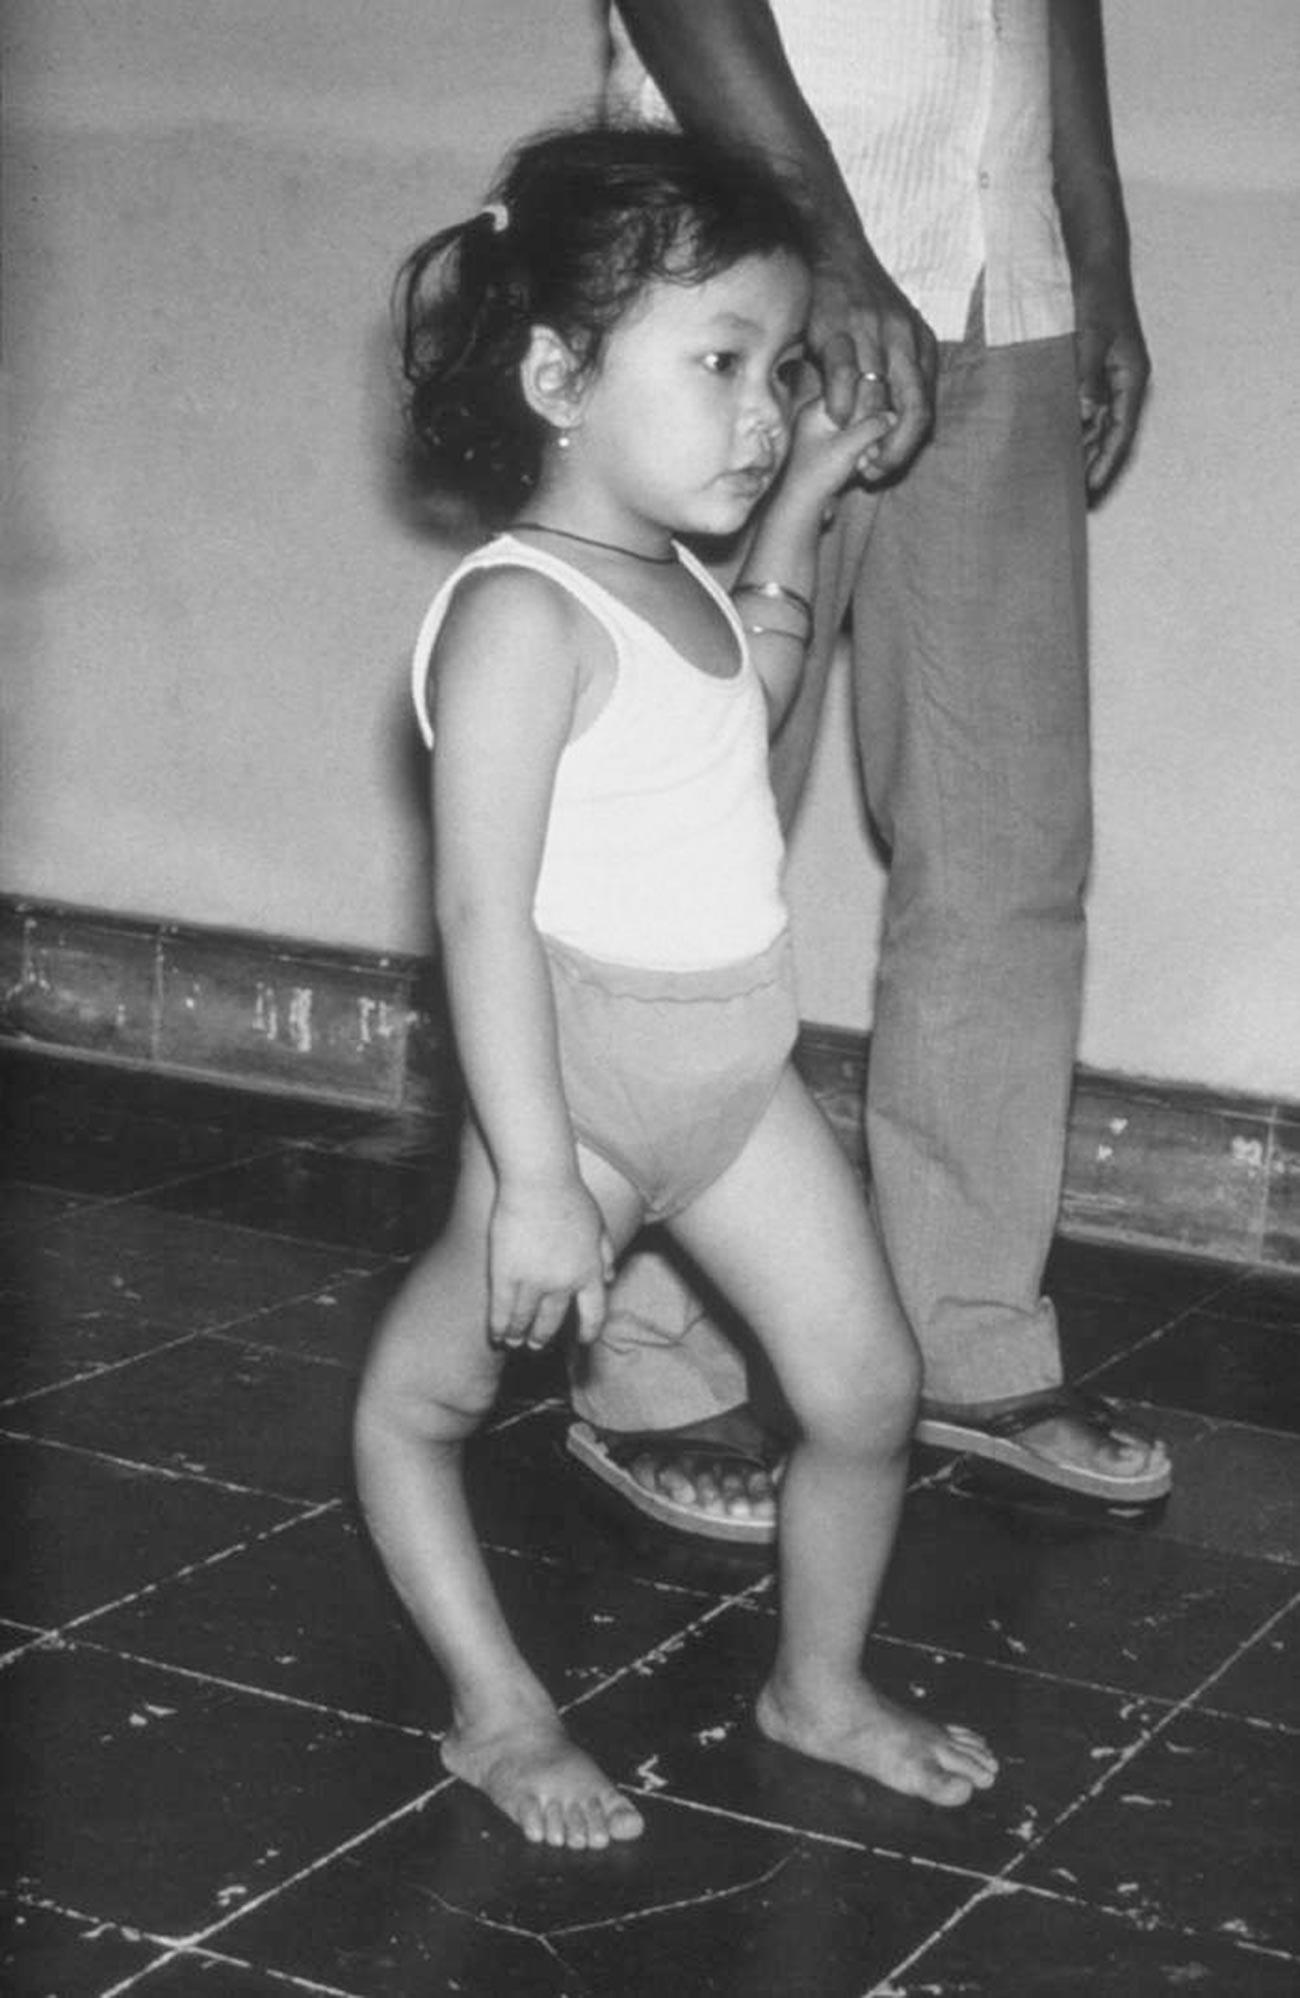 Ein Mädchen mit einem deformierten rechten Bein aufgrund von Polio